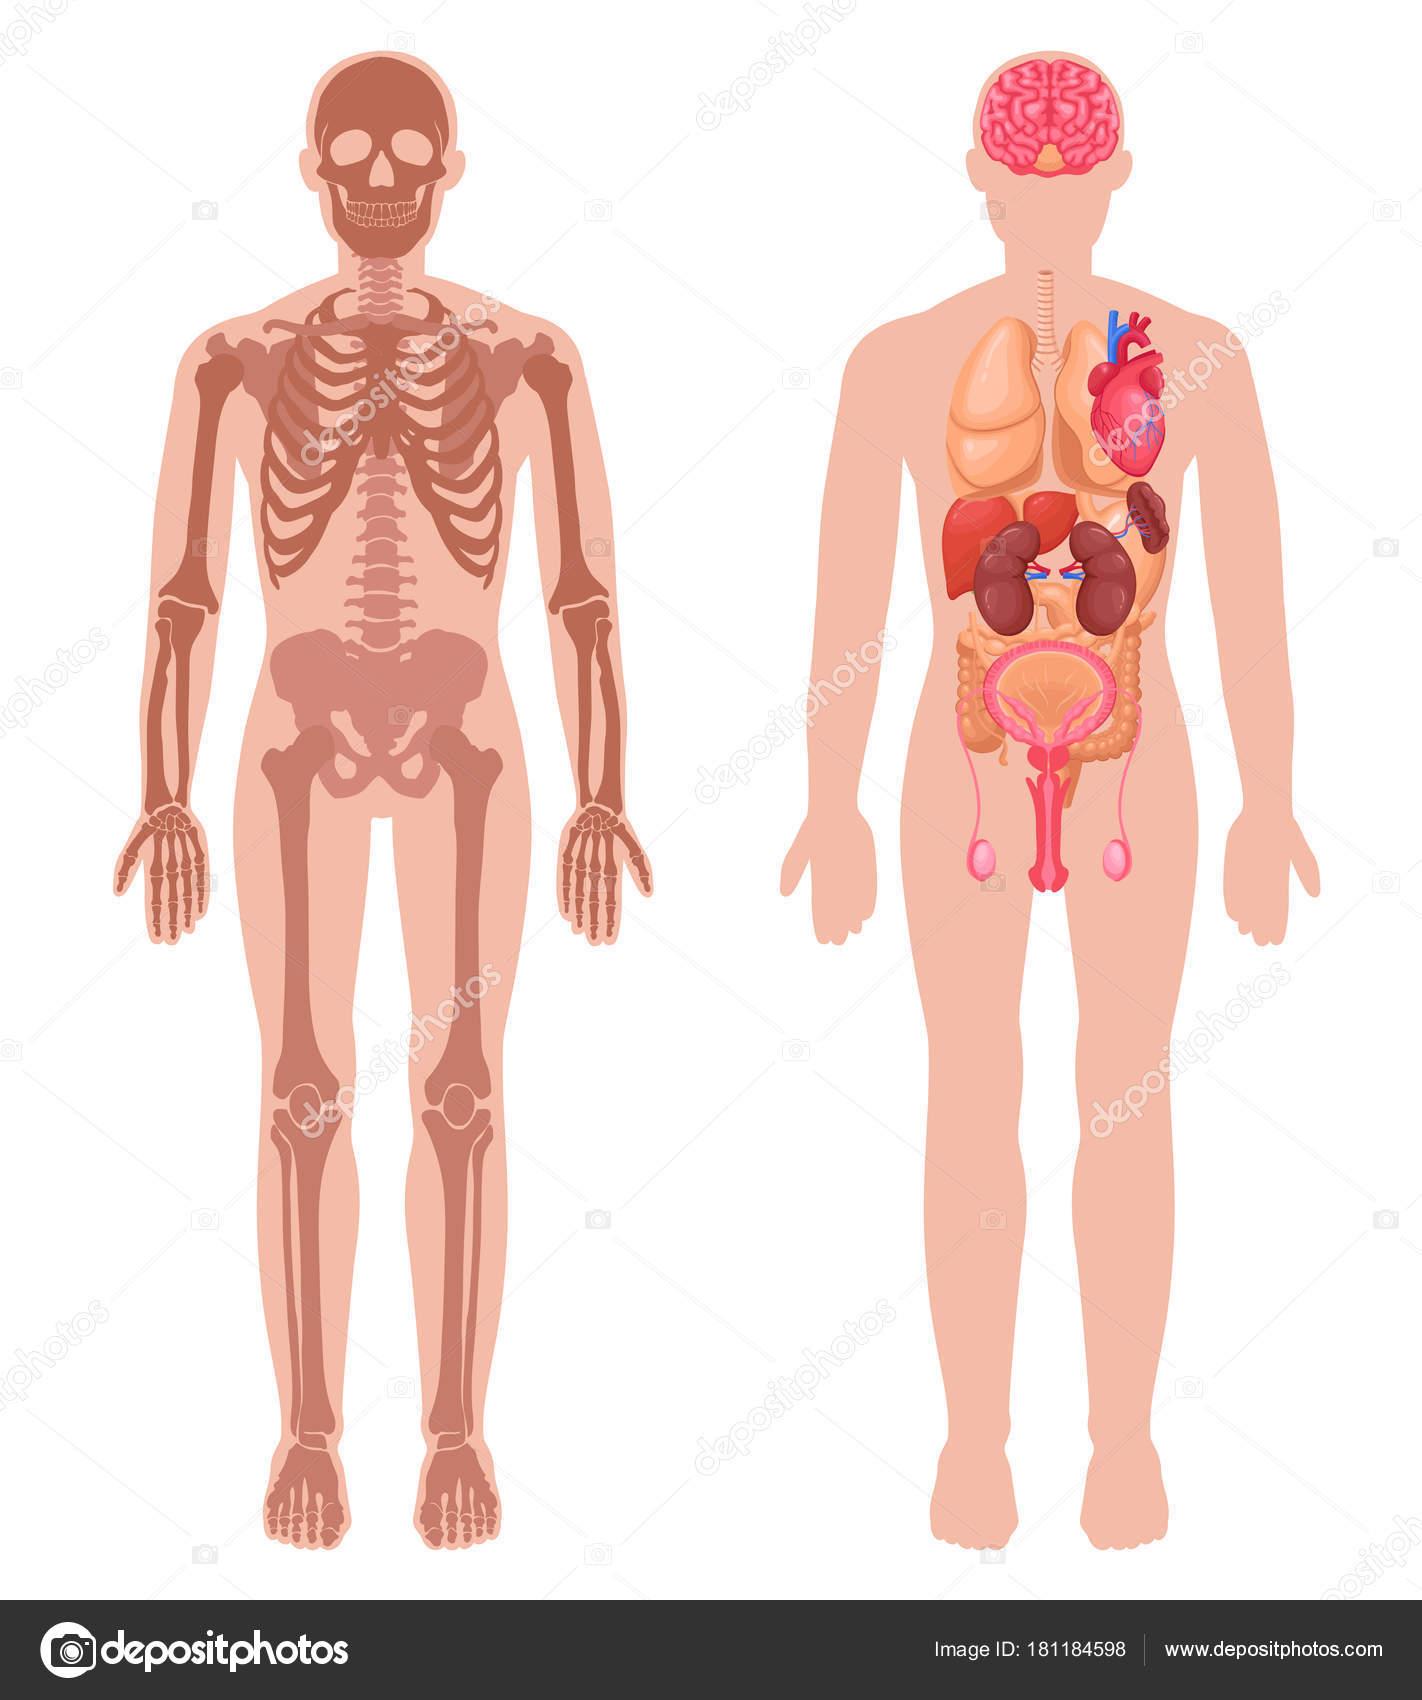 Menschliche Anatomie-Set — Stockvektor © macrovector #181184598